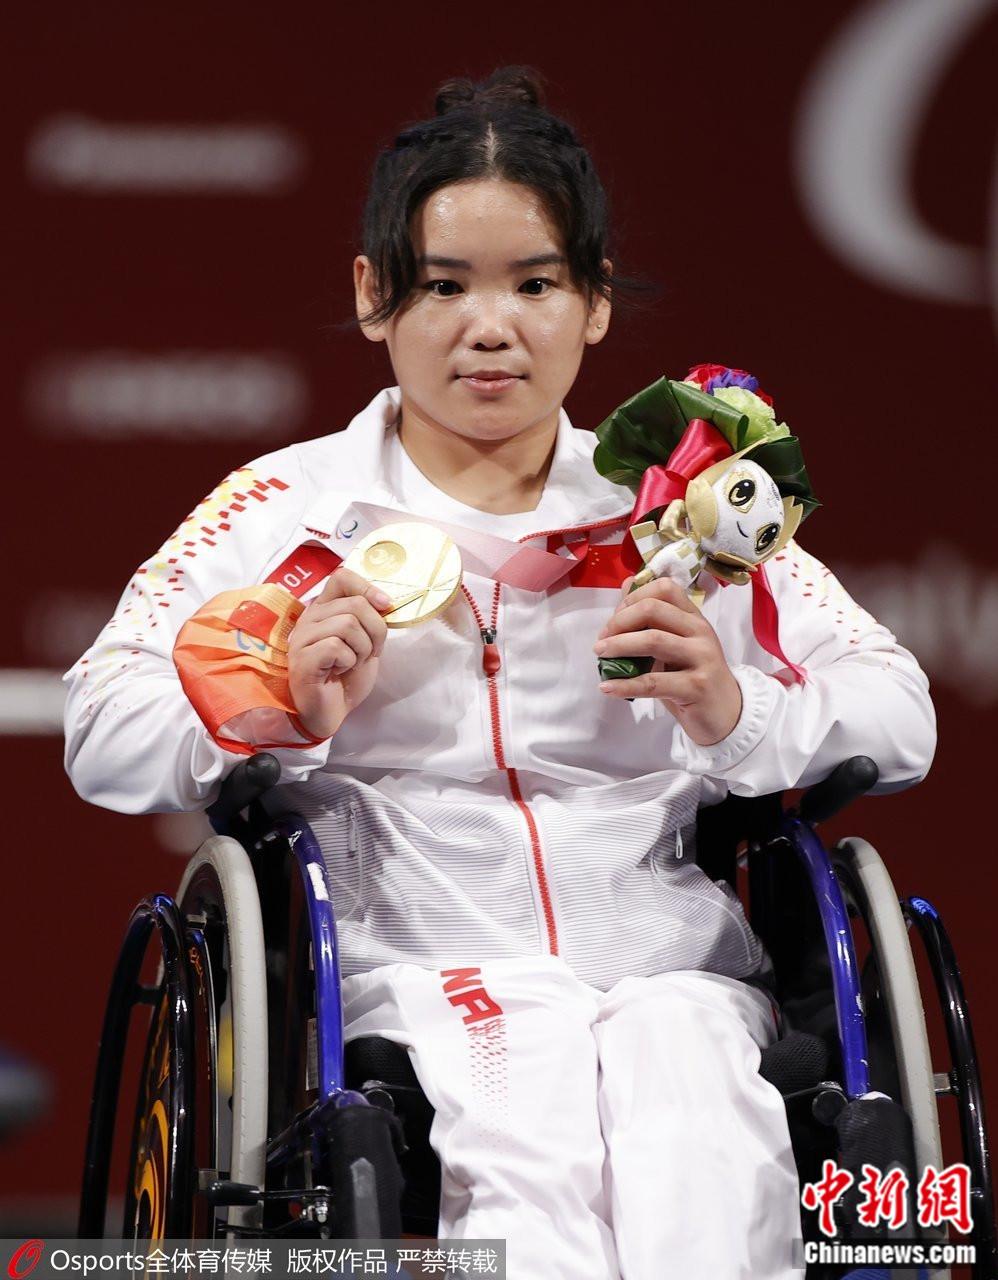 郭玲玲获得东京残奥会女子举重41公斤级冠军。图片来源:Osports全体育图片社